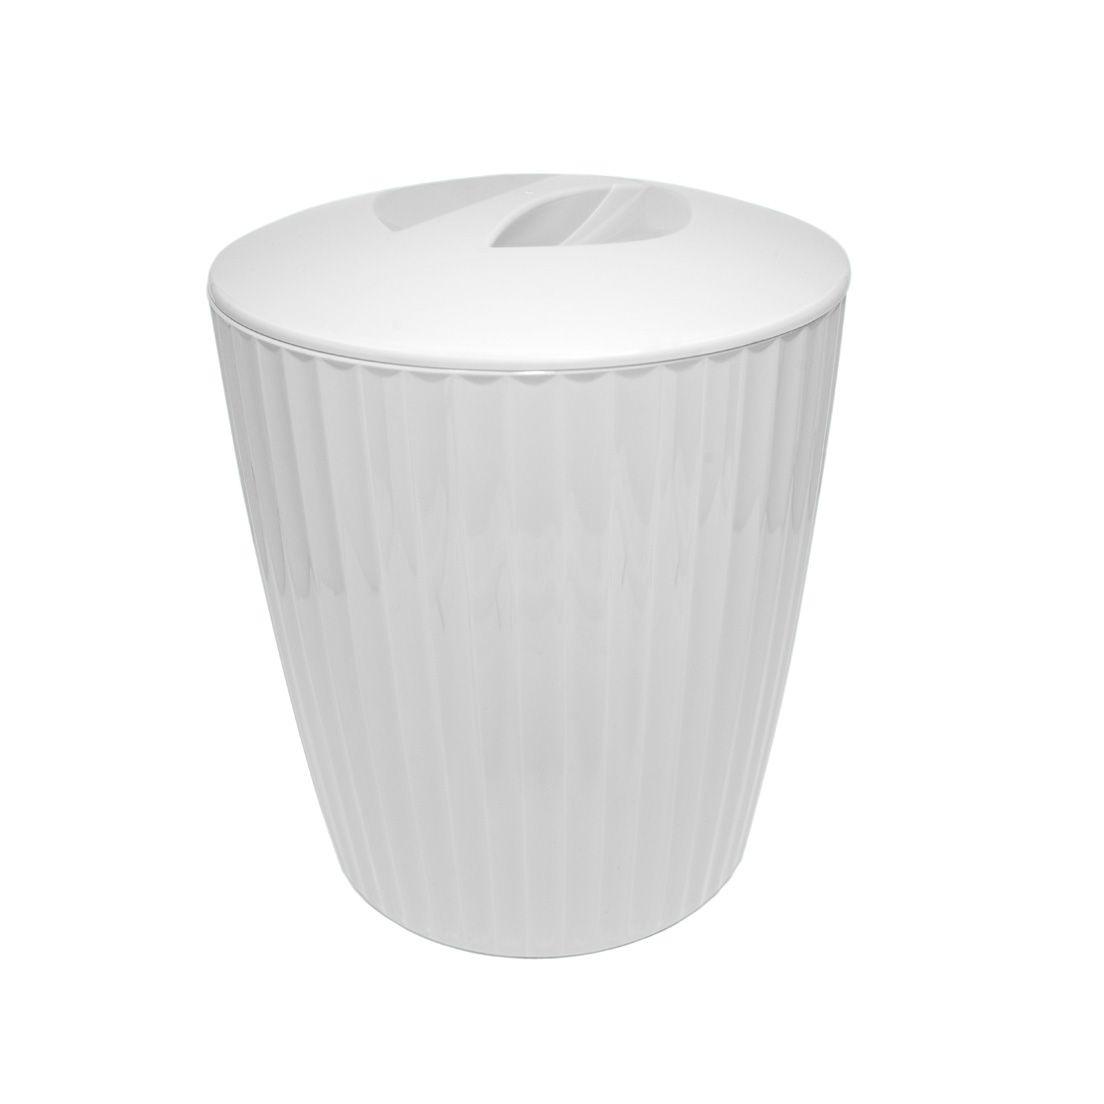 Lixeira para Banheiro de Plástico com Tampa Groove Branco 5L